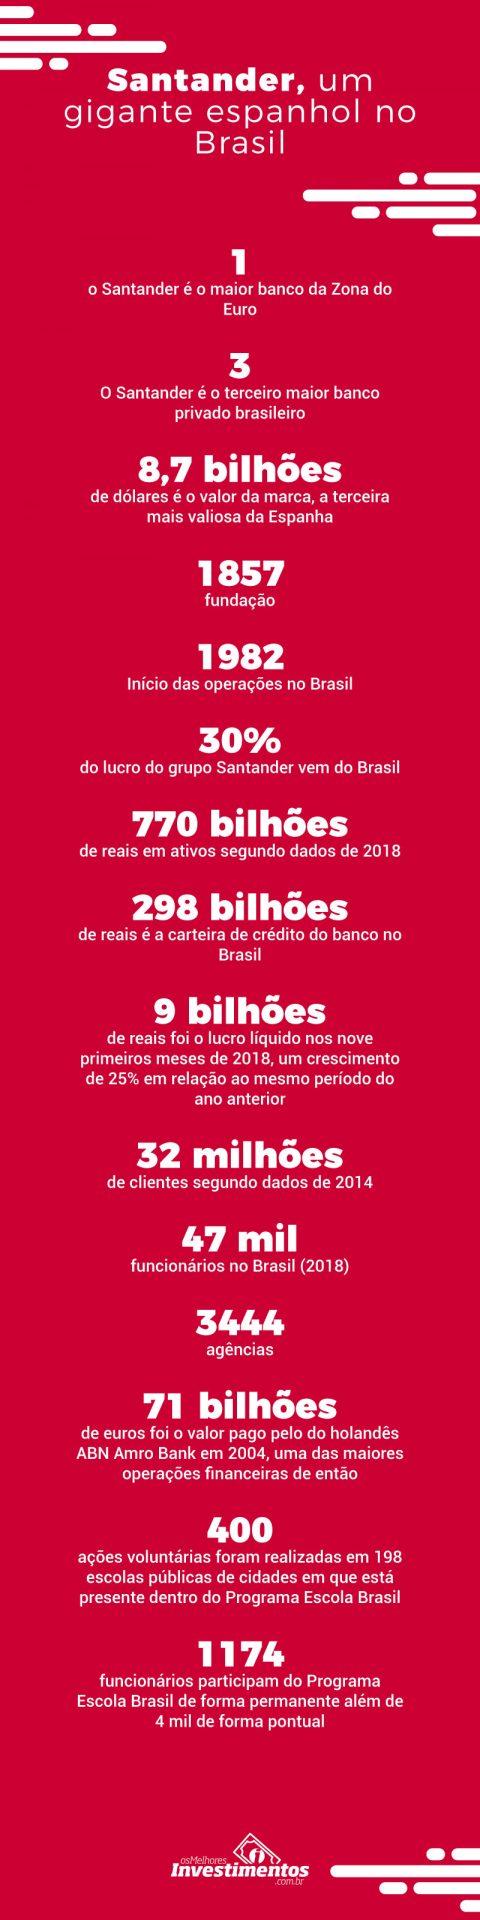 Ações do Santander - Infográfico - Os Melhores Investimentos